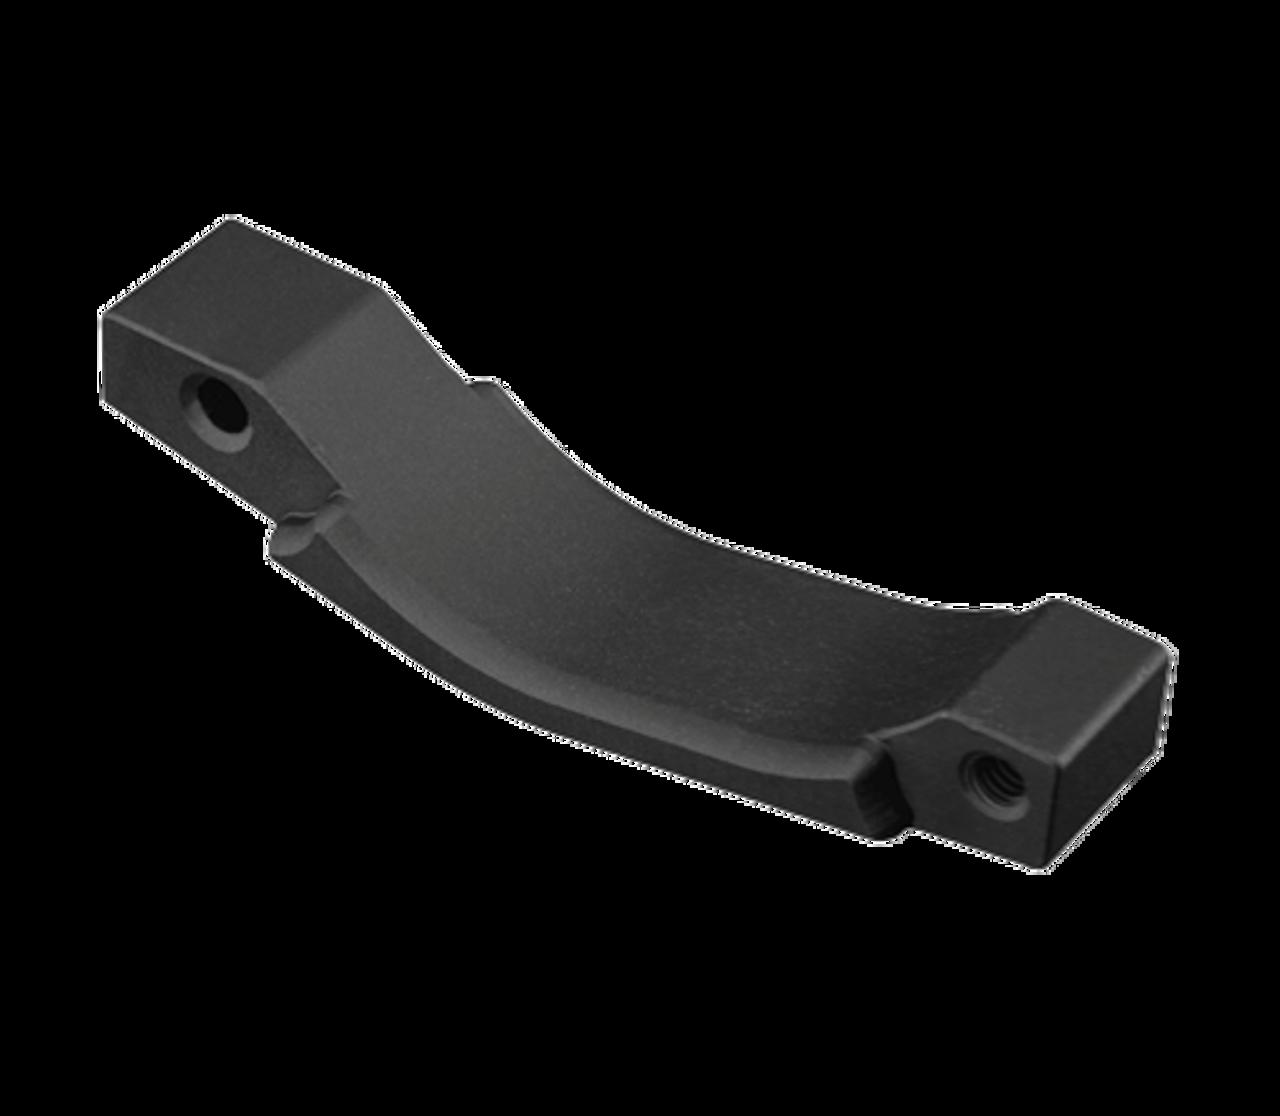 Magpul Enhanced Trigger Guard, Aluminum